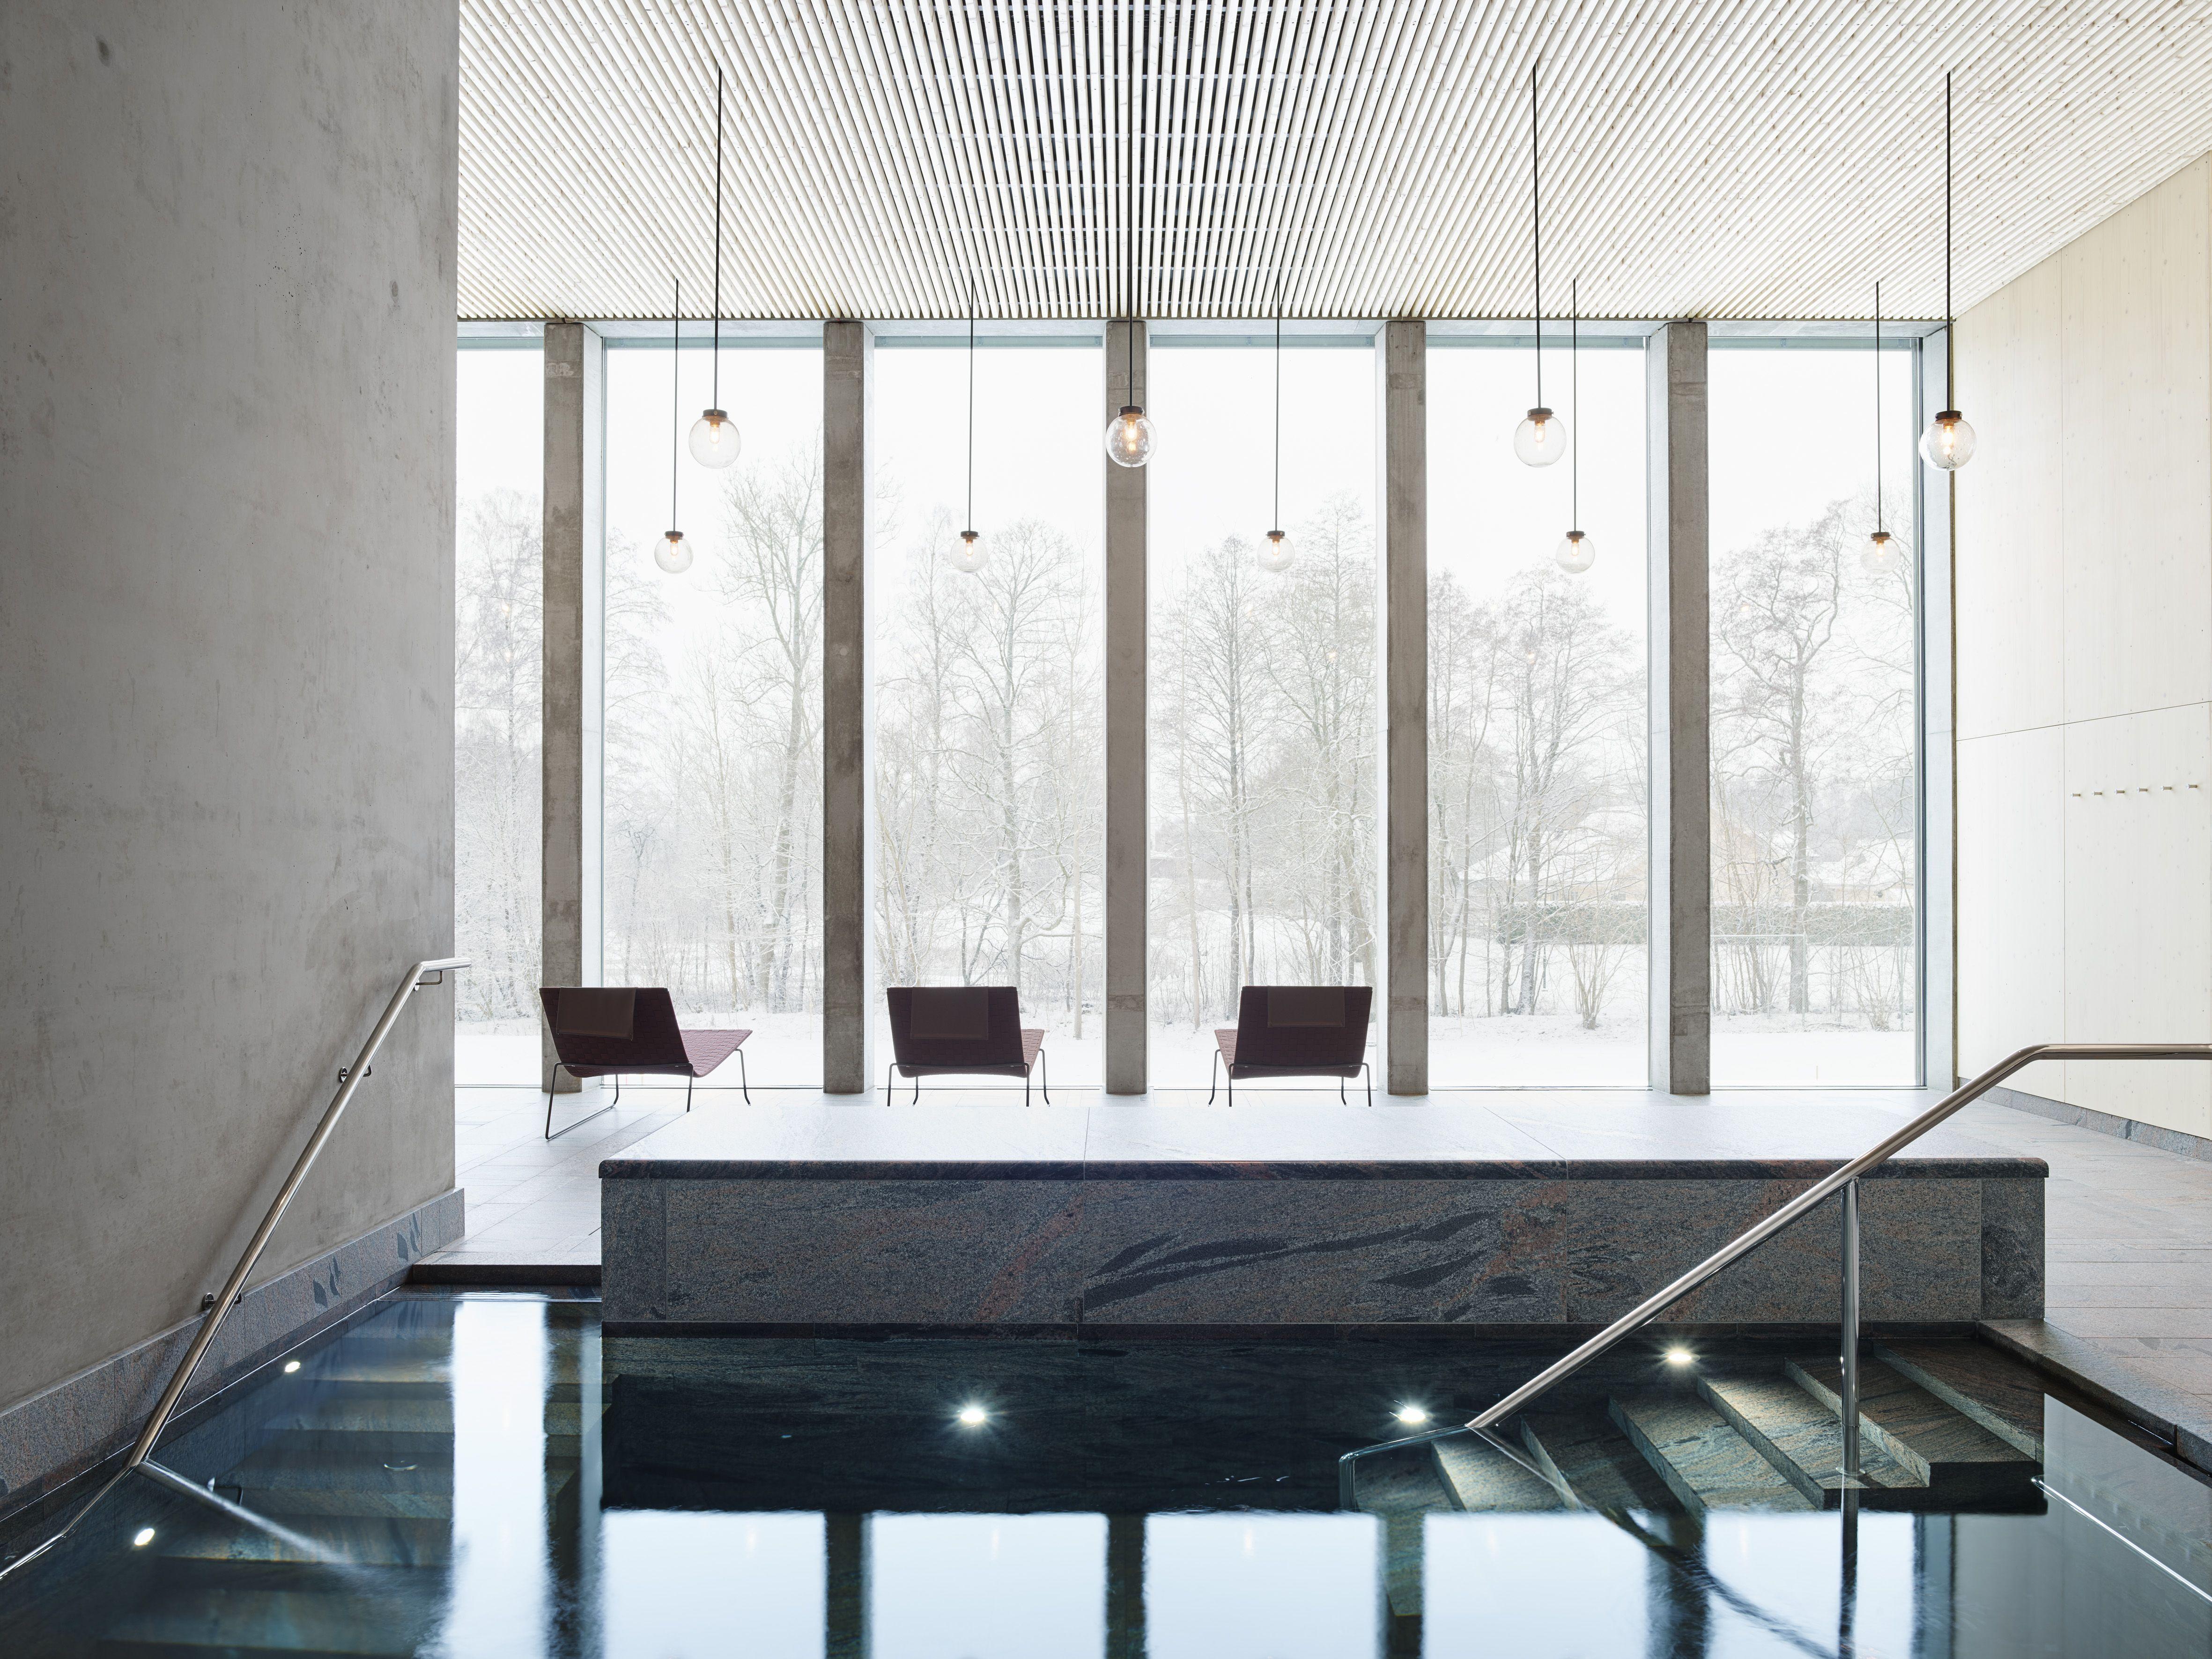 Spa Bagno Turco.Flipboard Spa Sauna E Bagno Turco Con Vista Sui Boschi Svedesi